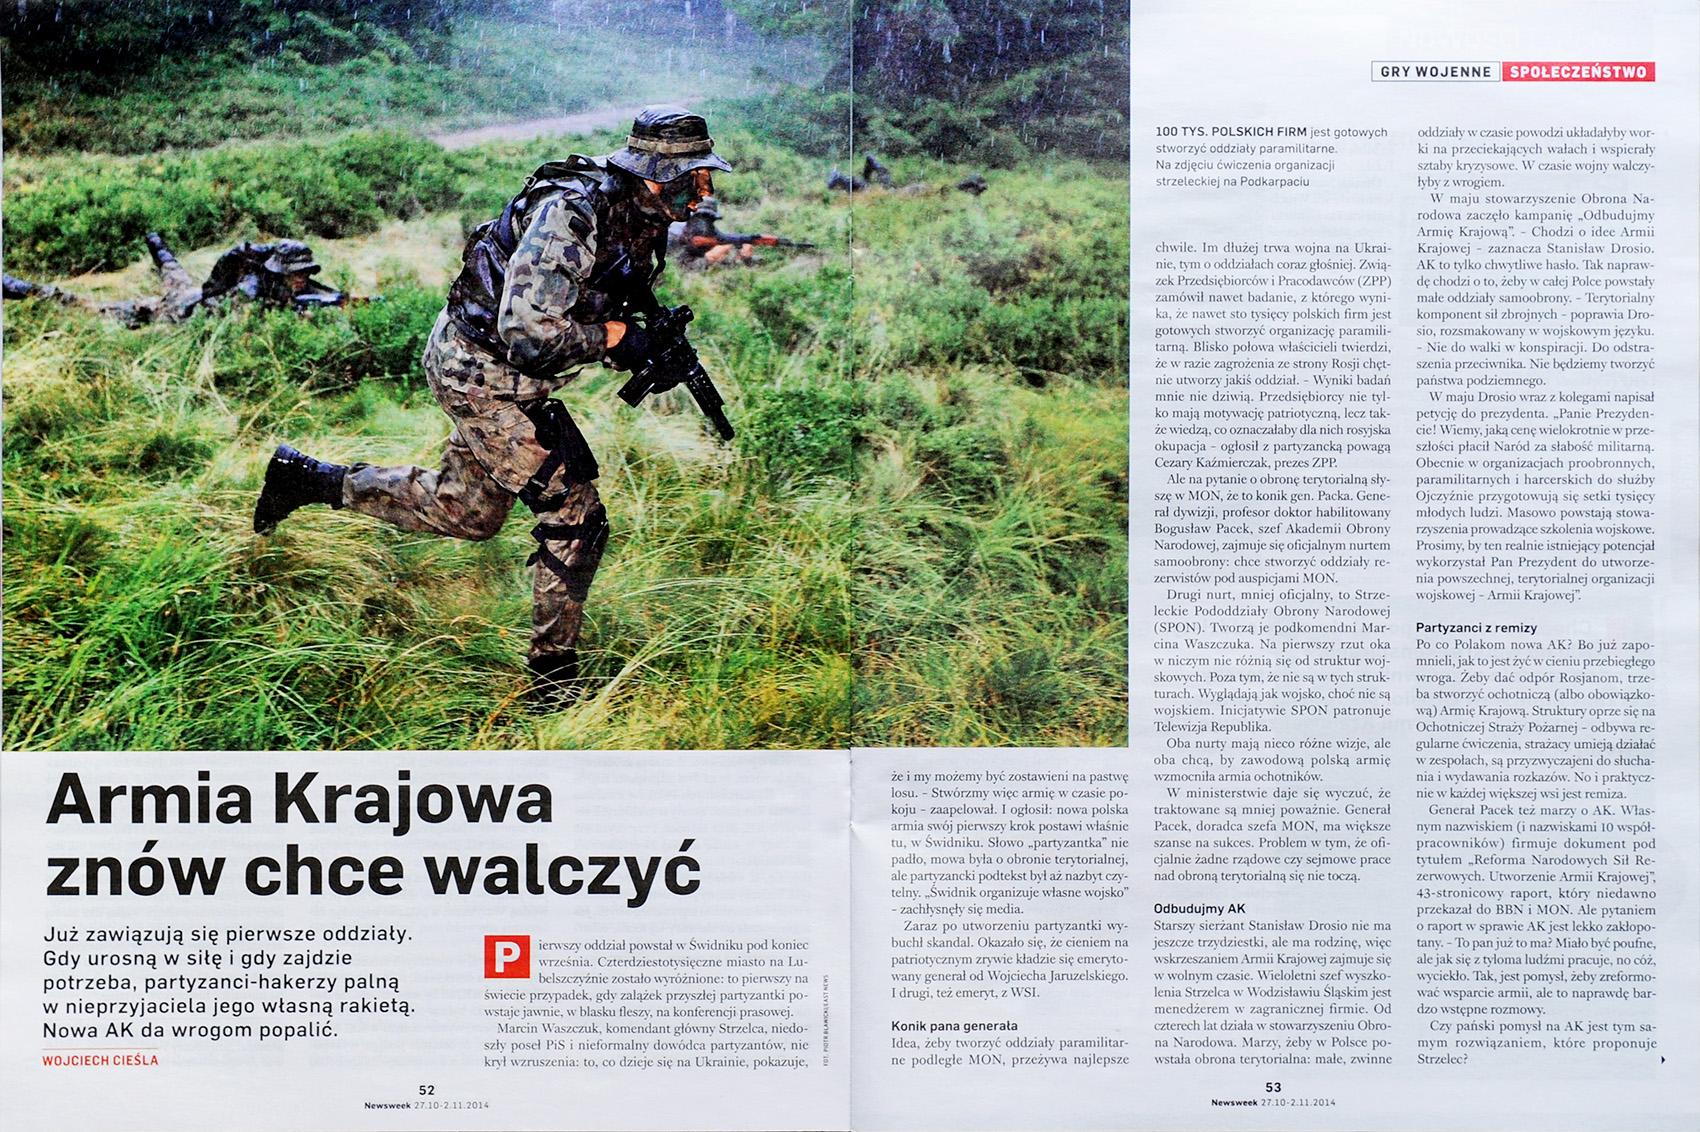 NEWSWEEK nr 44/2014 s. 52-53 - obóz szkoleniowy dla młodzieży ze związku strzeleckiego Strzelec